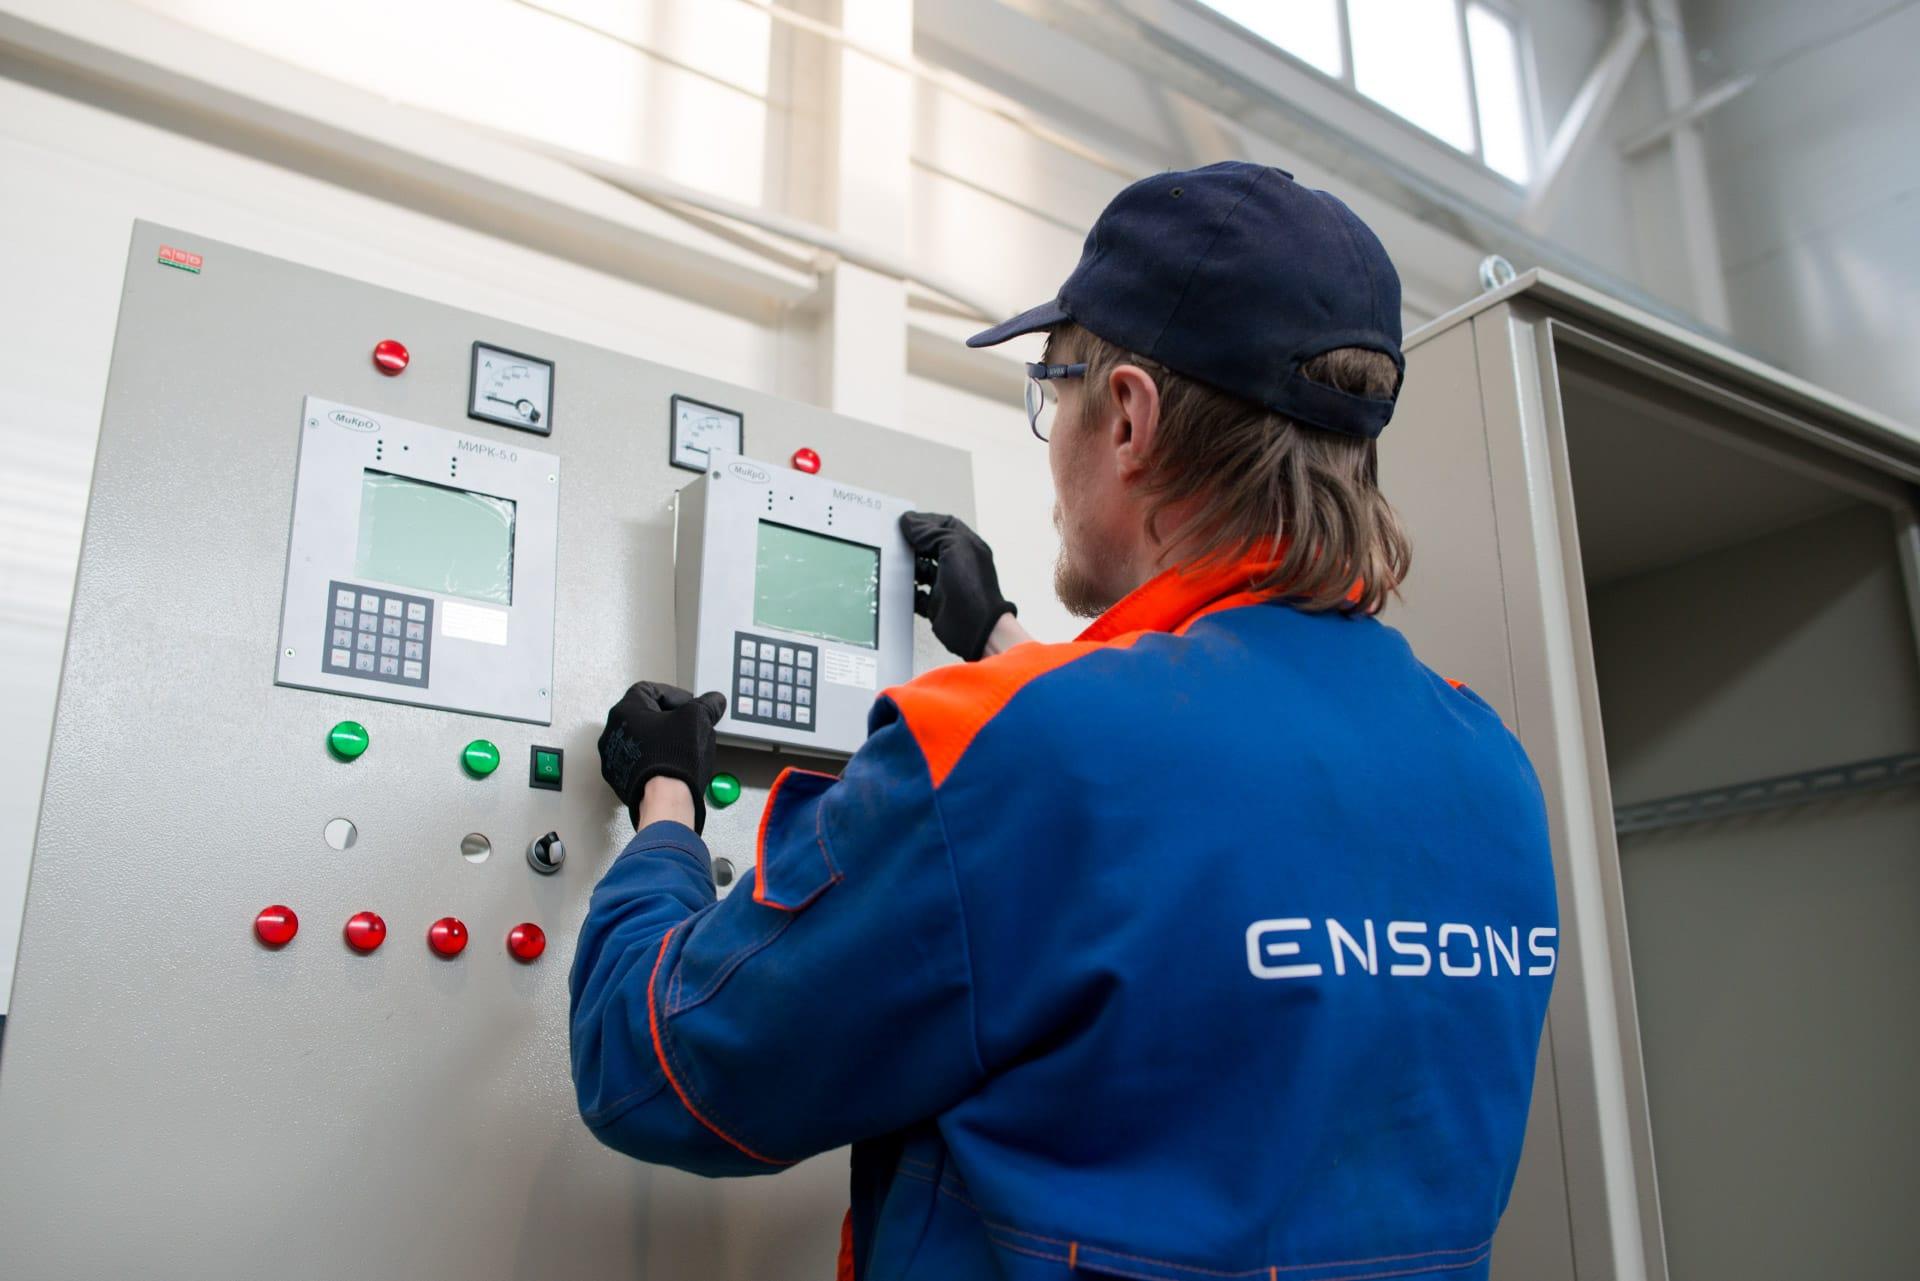 Ensons - Установка микроконтроллера компенсации емкостного тока